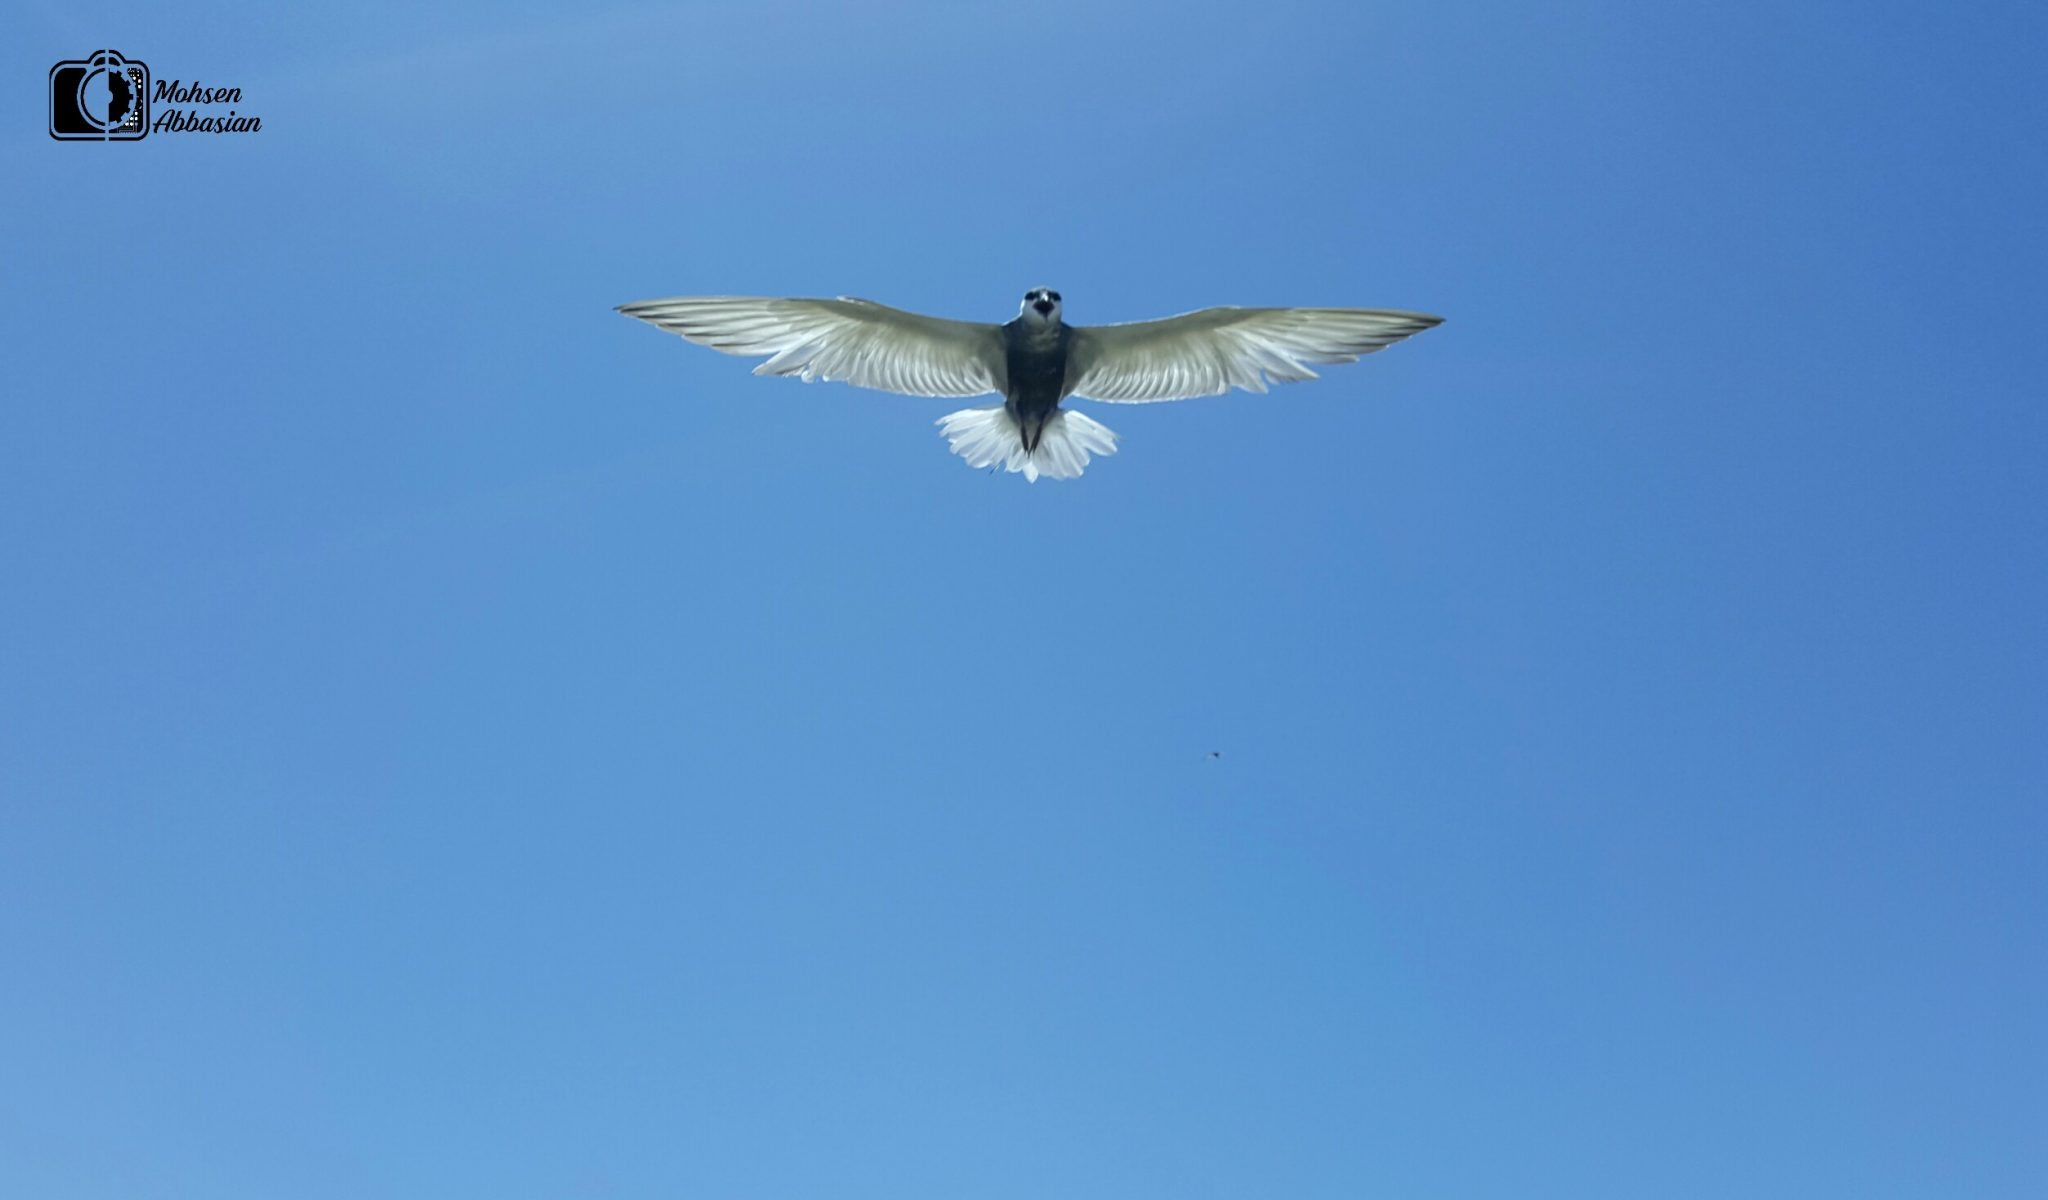 تصویری زیبا از پرستو دریایی (جیغک) در حال پرواز